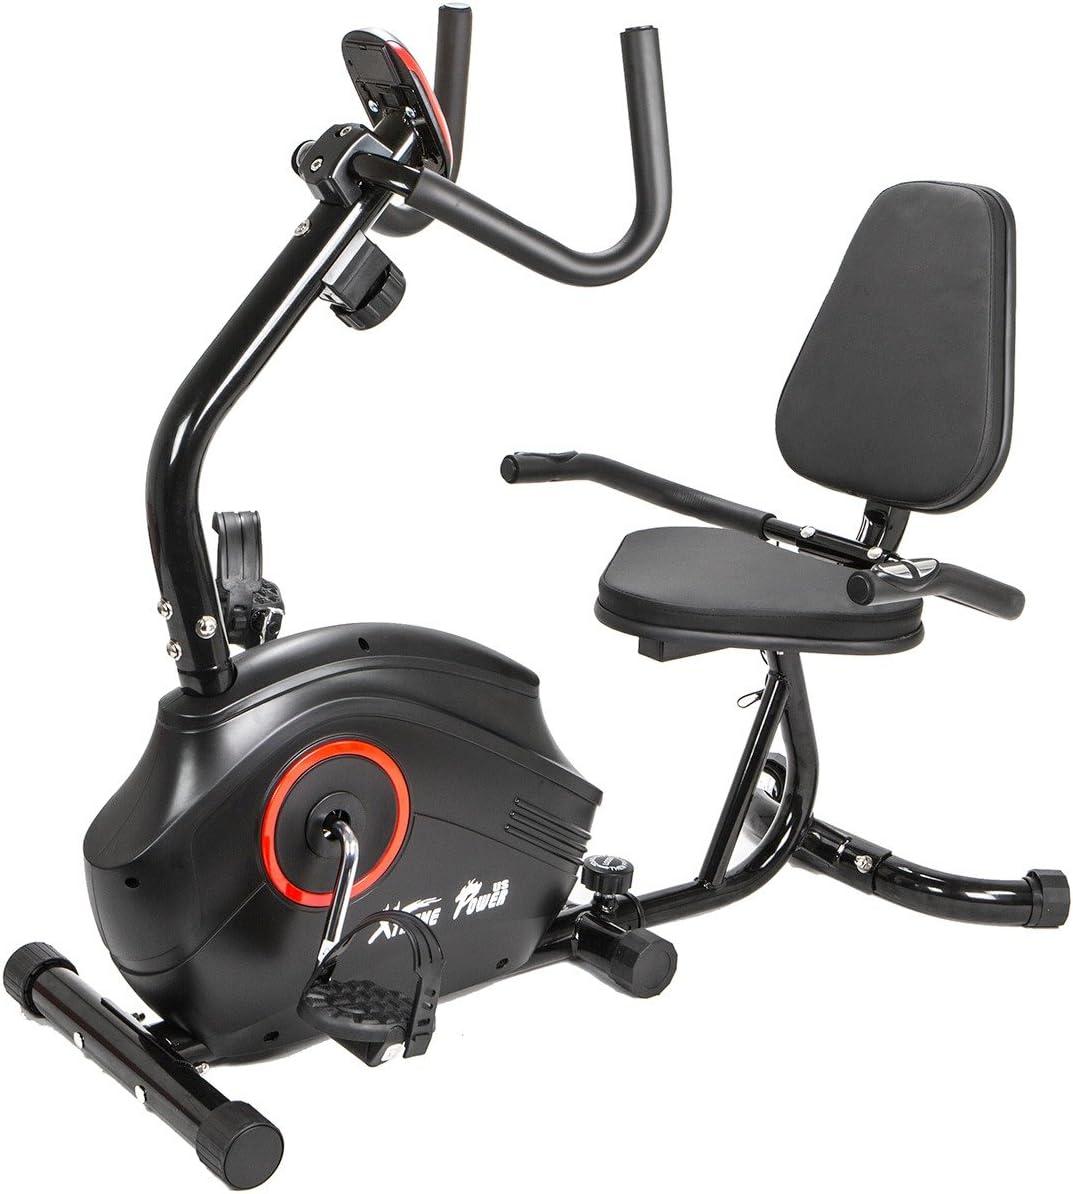 XtremepowerUS Deluxe Recumbent Fitness Exercise Bike 8 Level Mag